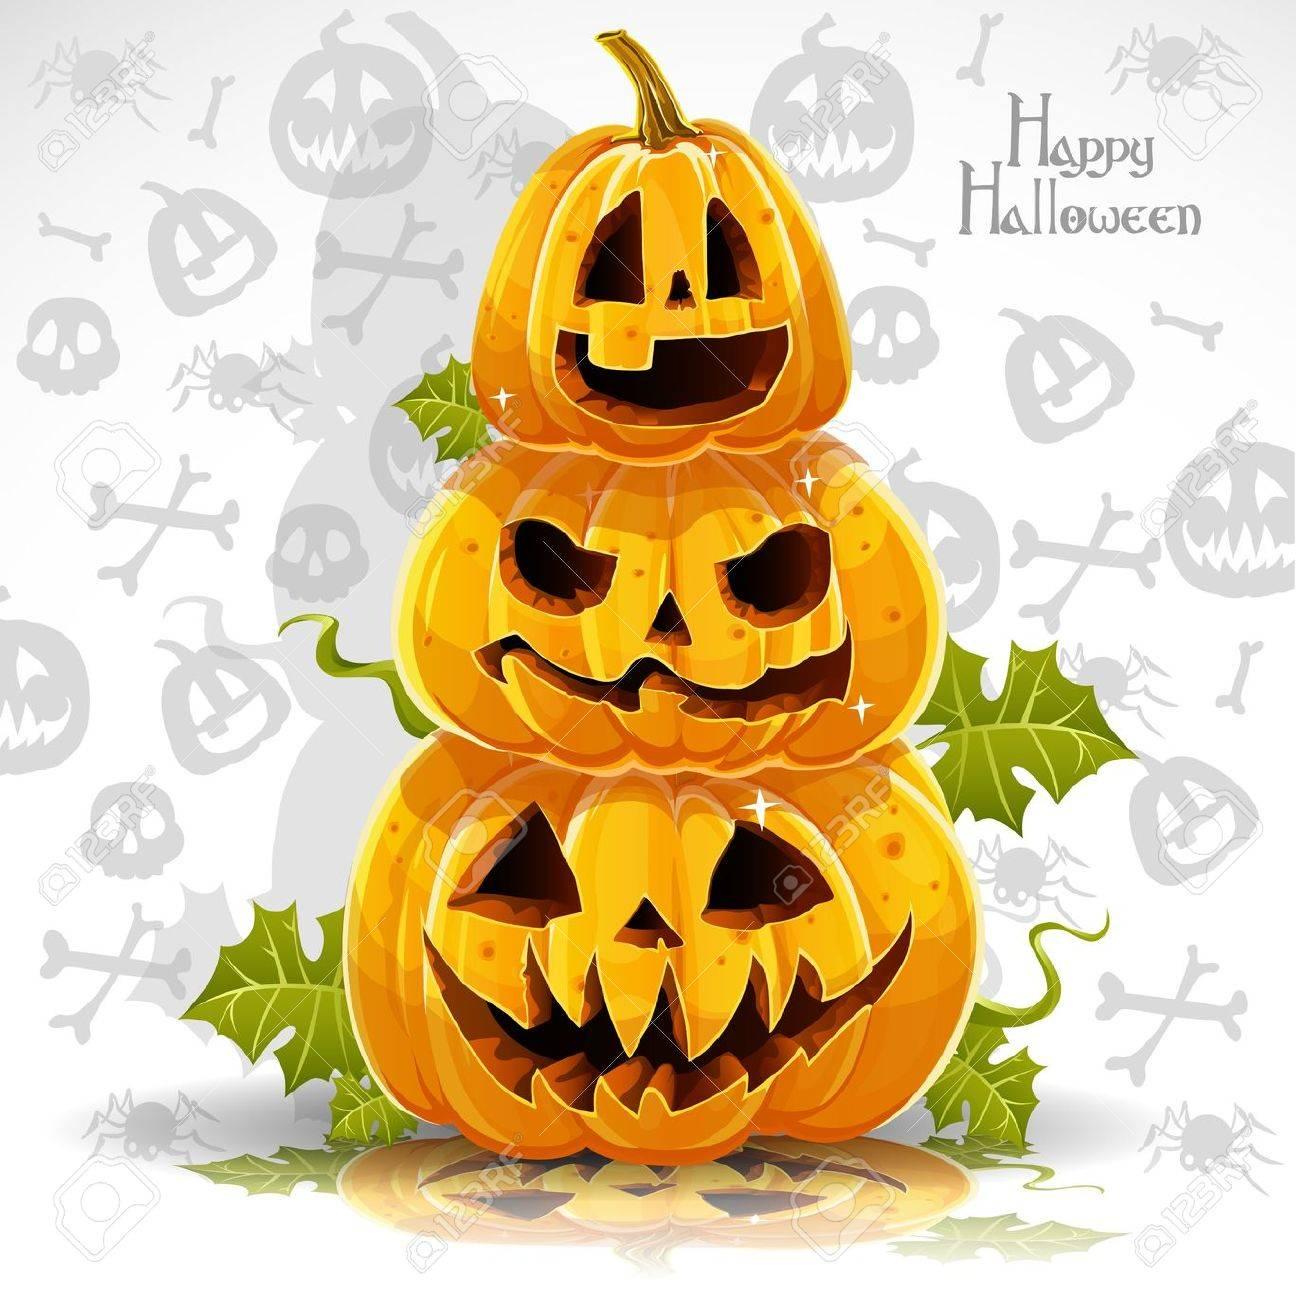 Happy Halloween banner with terrible pumpkins Stock Vector - 15113390